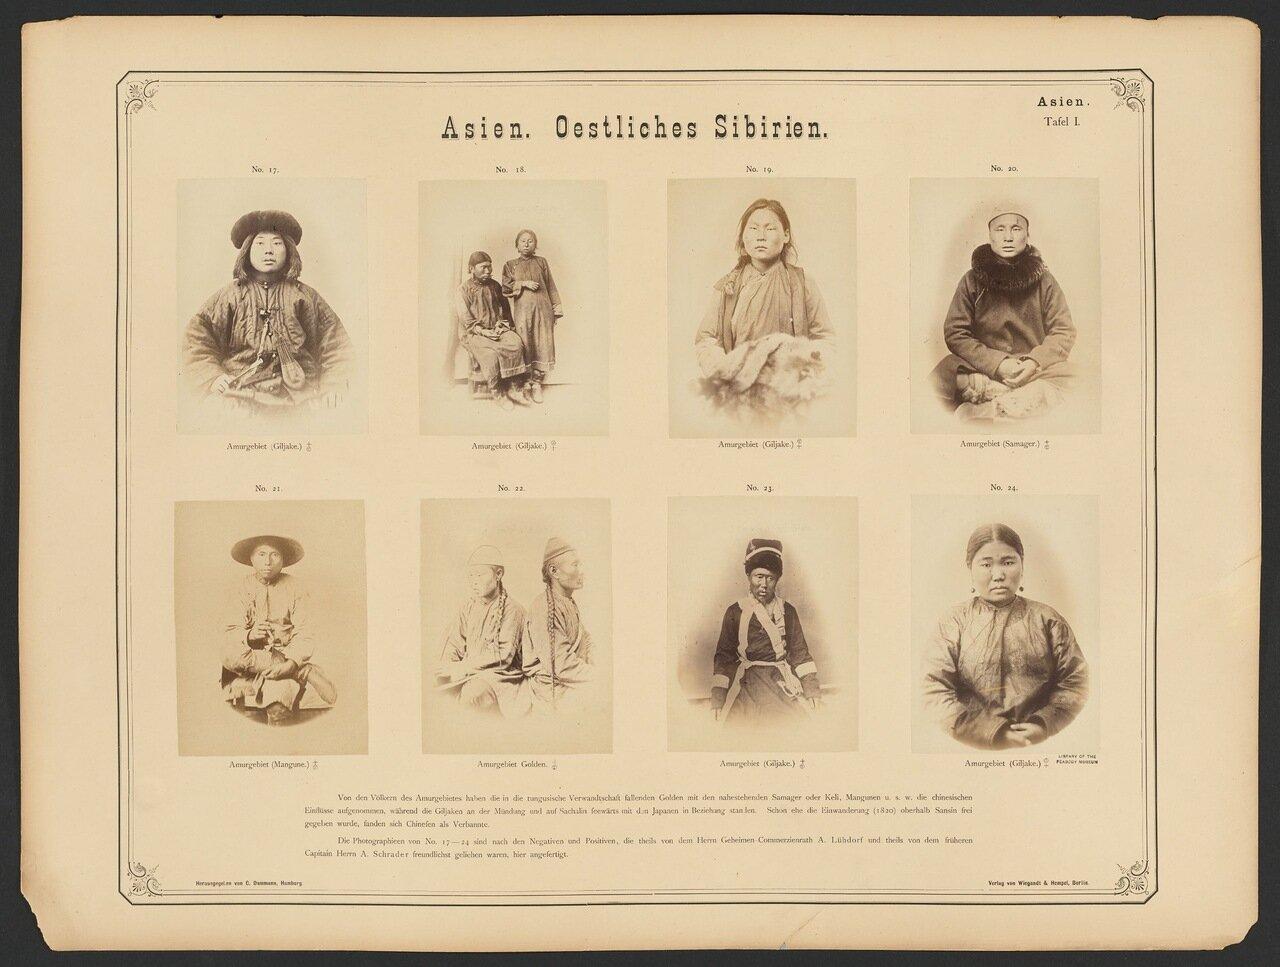 06. Азия. Восточная Сибирь